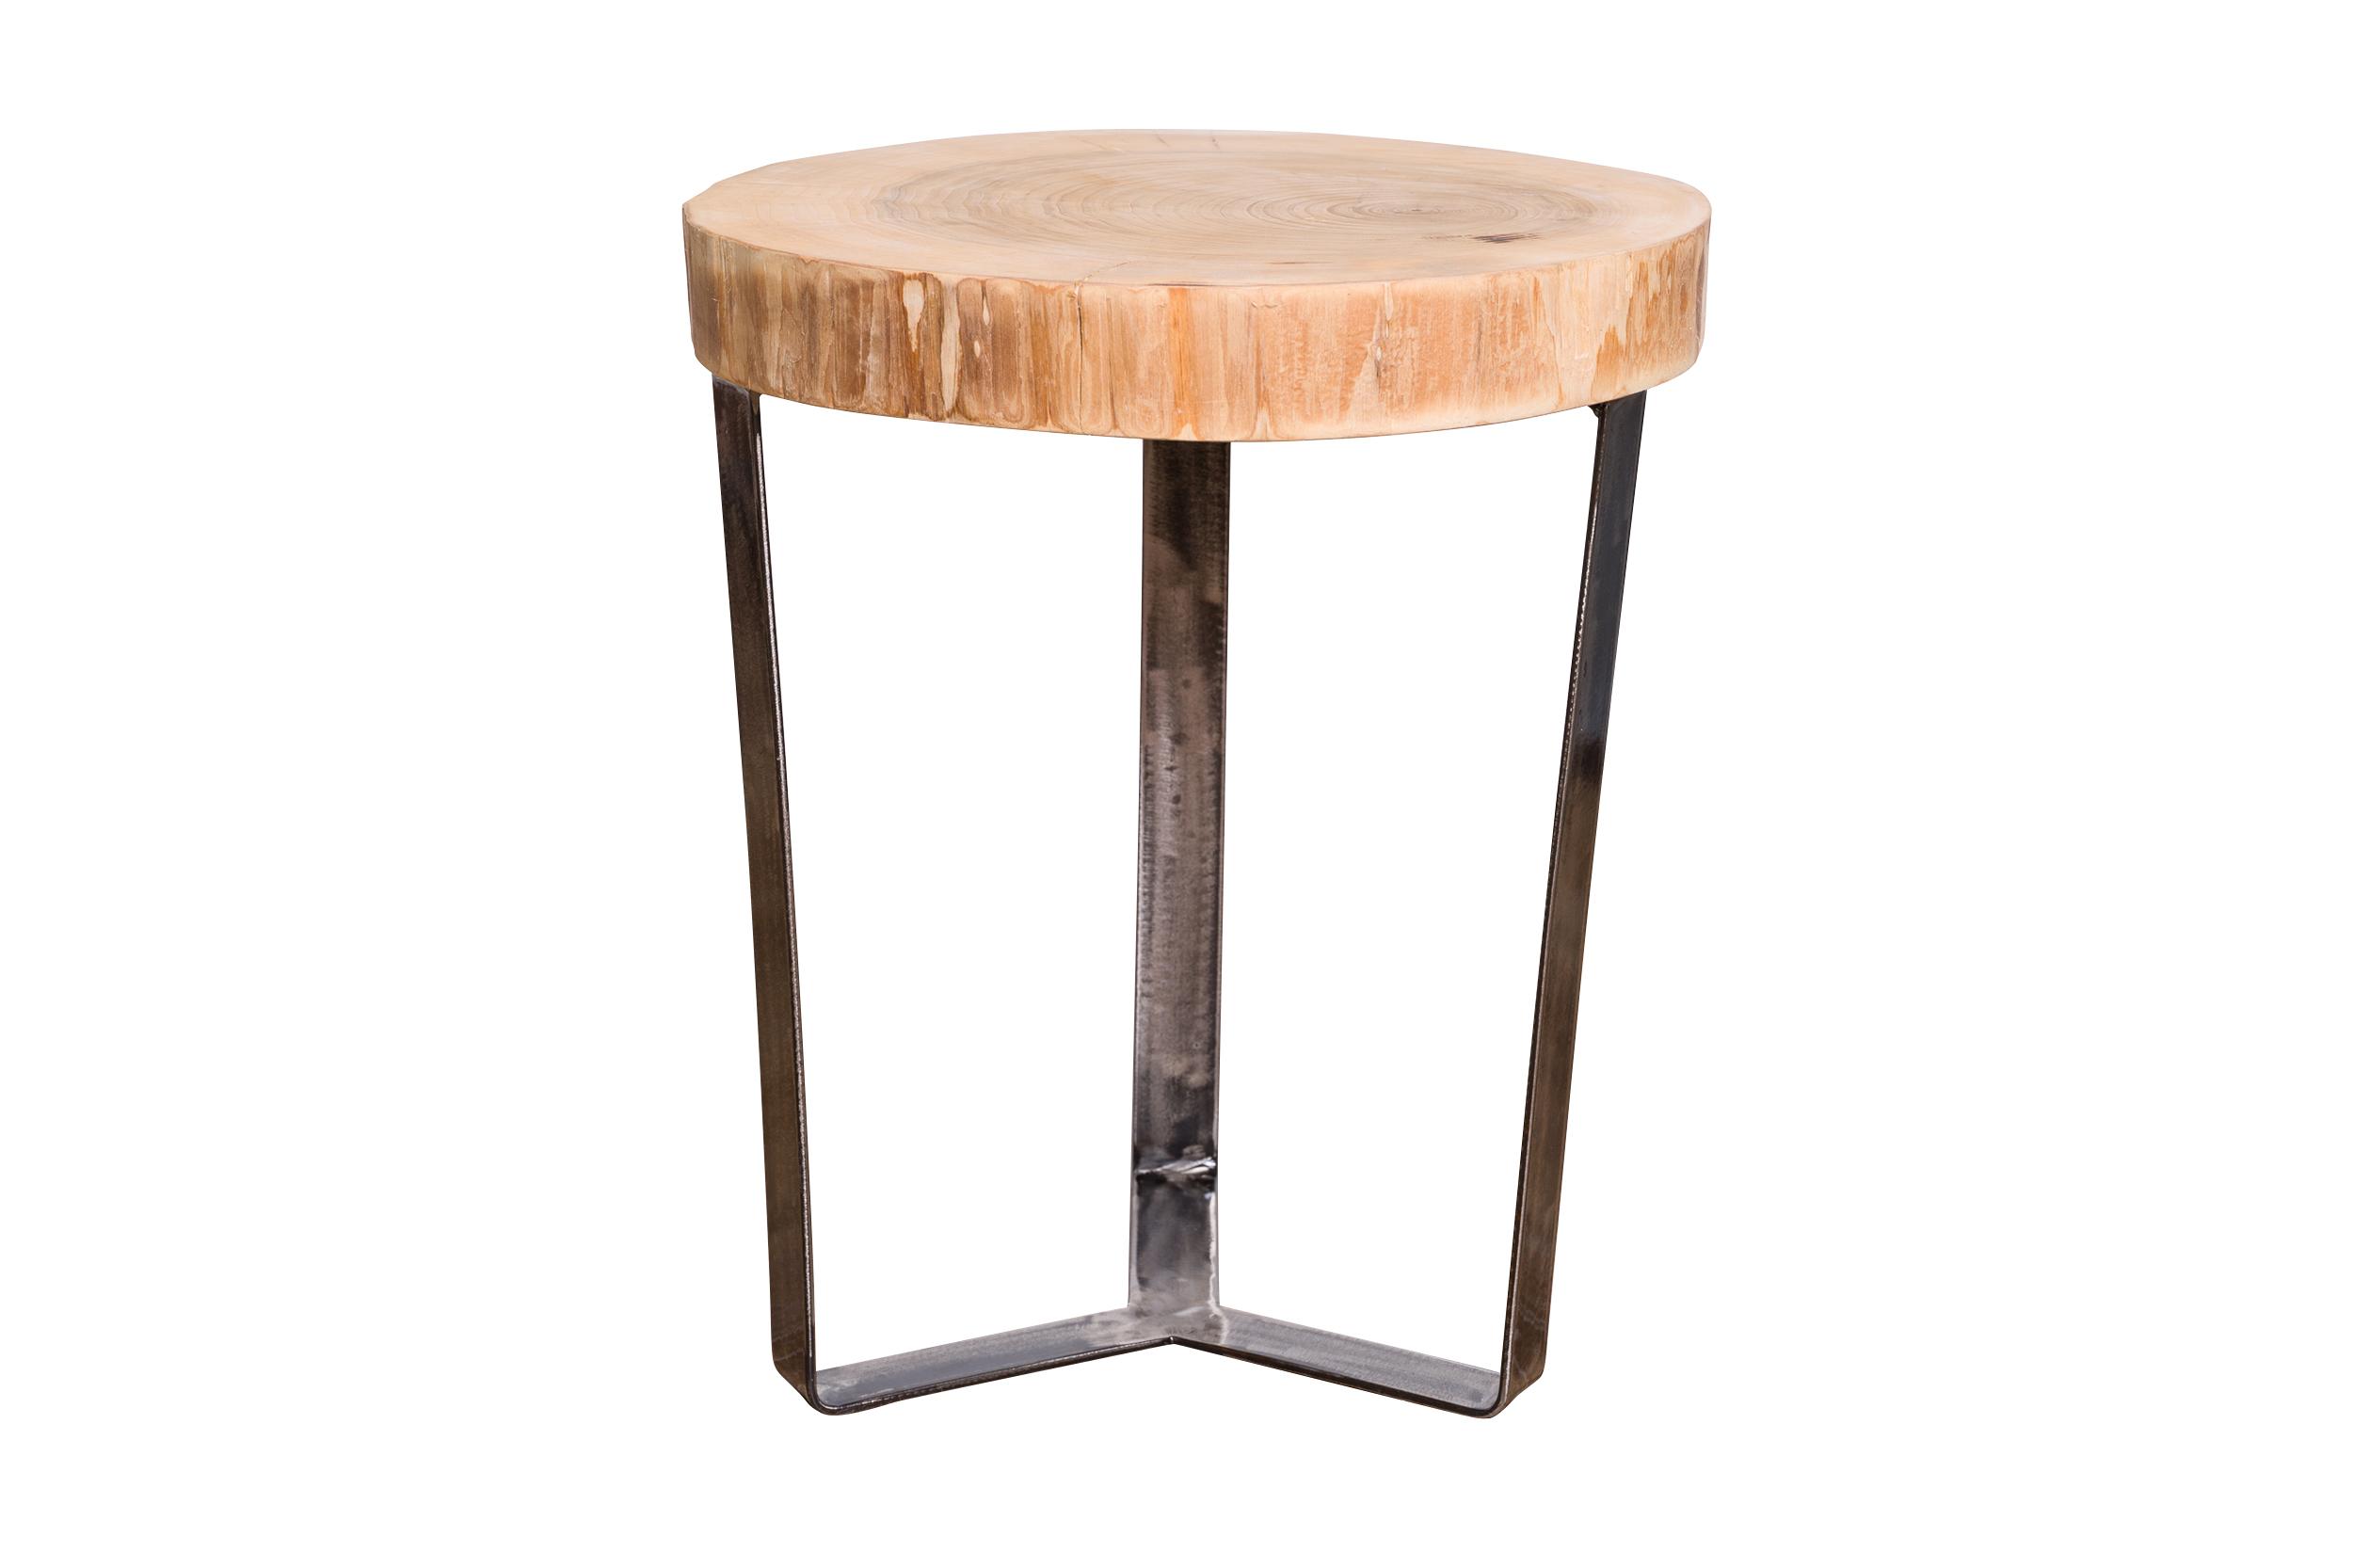 СтоликКофейные столики<br>&amp;lt;div&amp;gt;Столешница &amp;amp;nbsp;из необработанного спила тополя, выполненная &amp;amp;nbsp;в стиле эко-лофт, добавит в вашу гостиную скандинавский характер. Грубая текстура и естественные трещины в древесине не оставят равнодушными ценителей всего натурального и подлинного.&amp;lt;/div&amp;gt;&amp;lt;div&amp;gt;&amp;lt;br&amp;gt;&amp;lt;/div&amp;gt;&amp;lt;div&amp;gt;Поскольку изделие выполнено из натурального дерева, то его размер, форма, цвет, текстура могут варьироваться.&amp;lt;/div&amp;gt;&amp;lt;div&amp;gt;Материал основания: лакированный металл.&amp;lt;/div&amp;gt;&amp;lt;div&amp;gt;Столешница пропитана тиковым маслом.&amp;lt;/div&amp;gt;<br><br>Material: Тополь<br>Height см: 48<br>Diameter см: 40